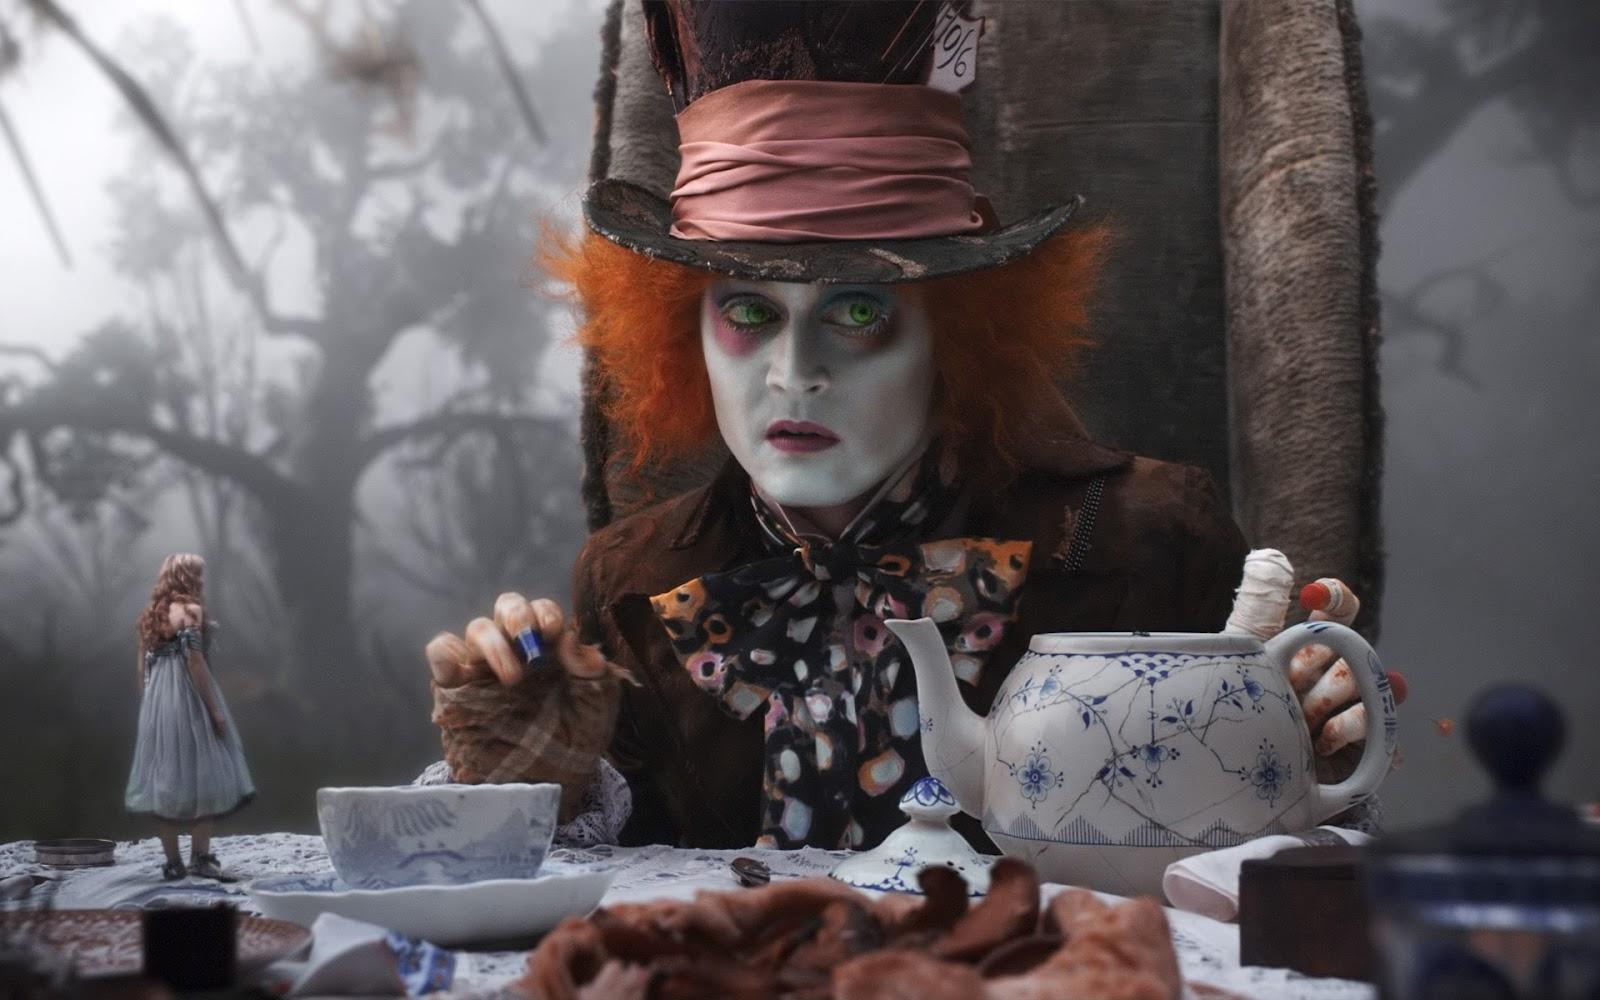 Johnny Depp, Hatter Crazy Hatter, Alicia dans Wonderland